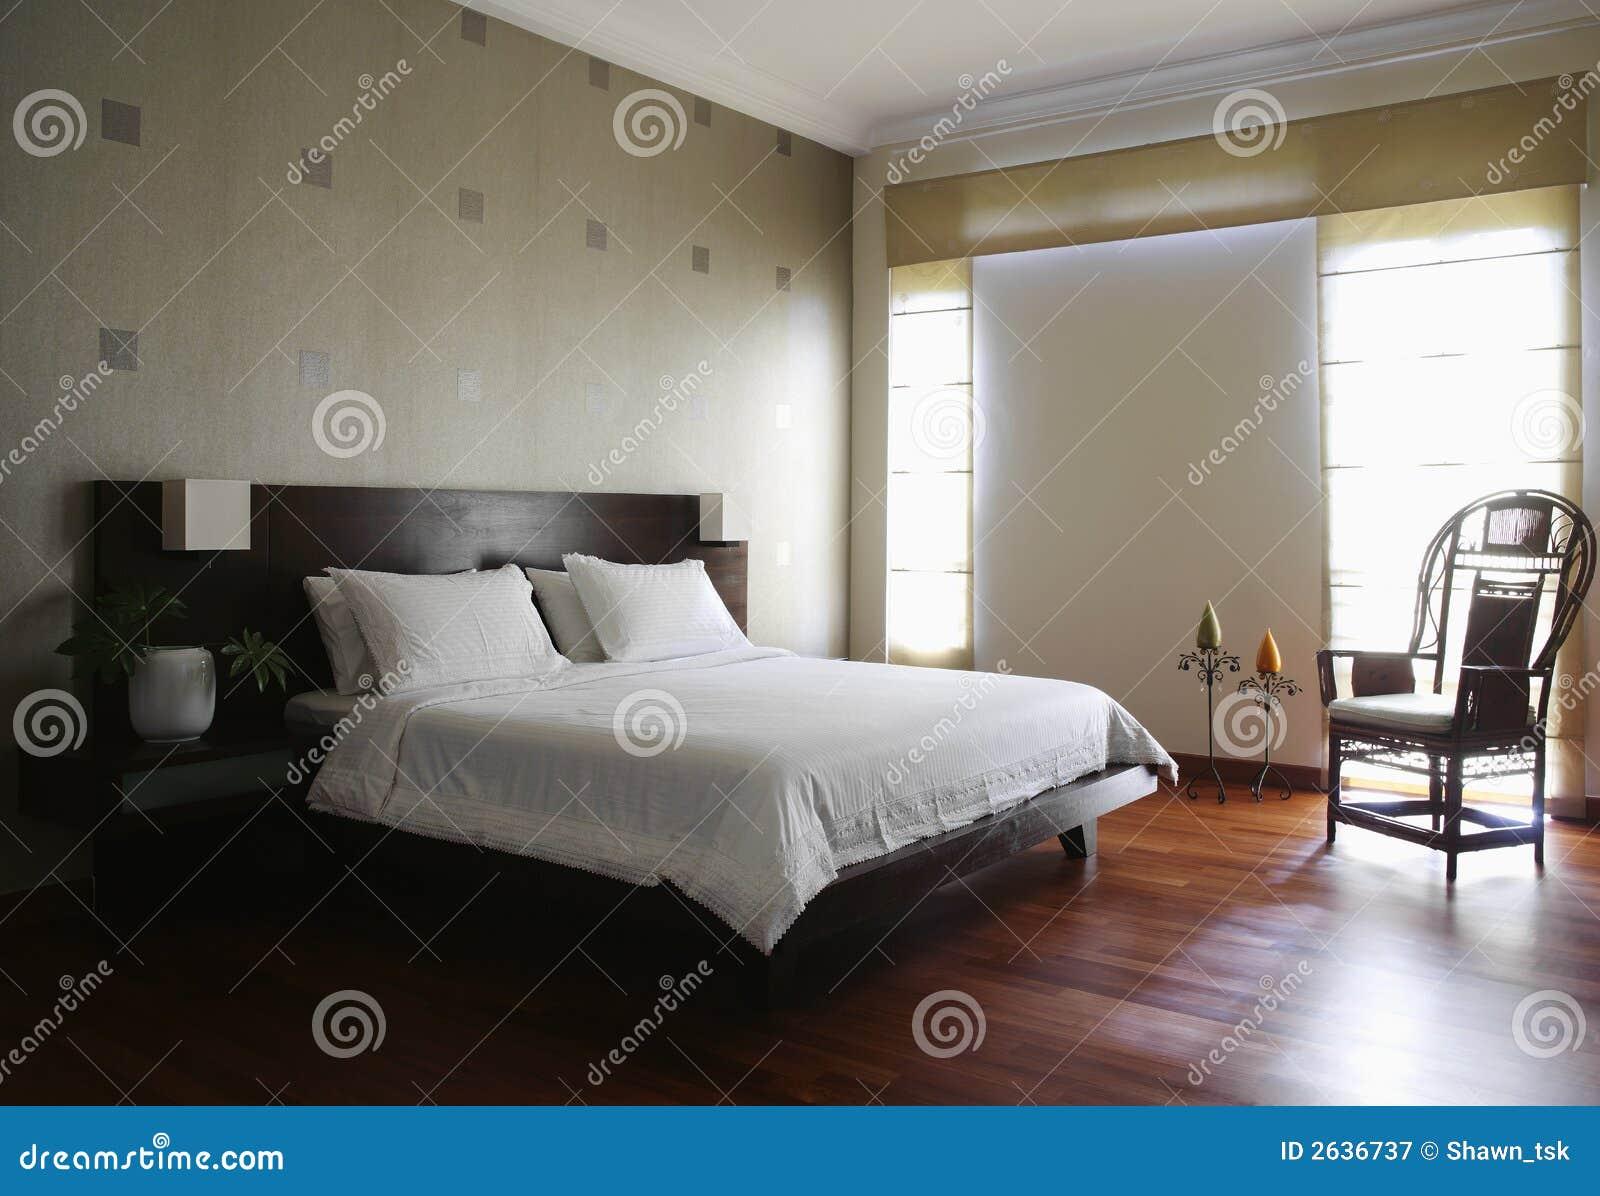 Dise o interior dormitorio fotograf a de archivo libre for Lenceria de dormitorio 3